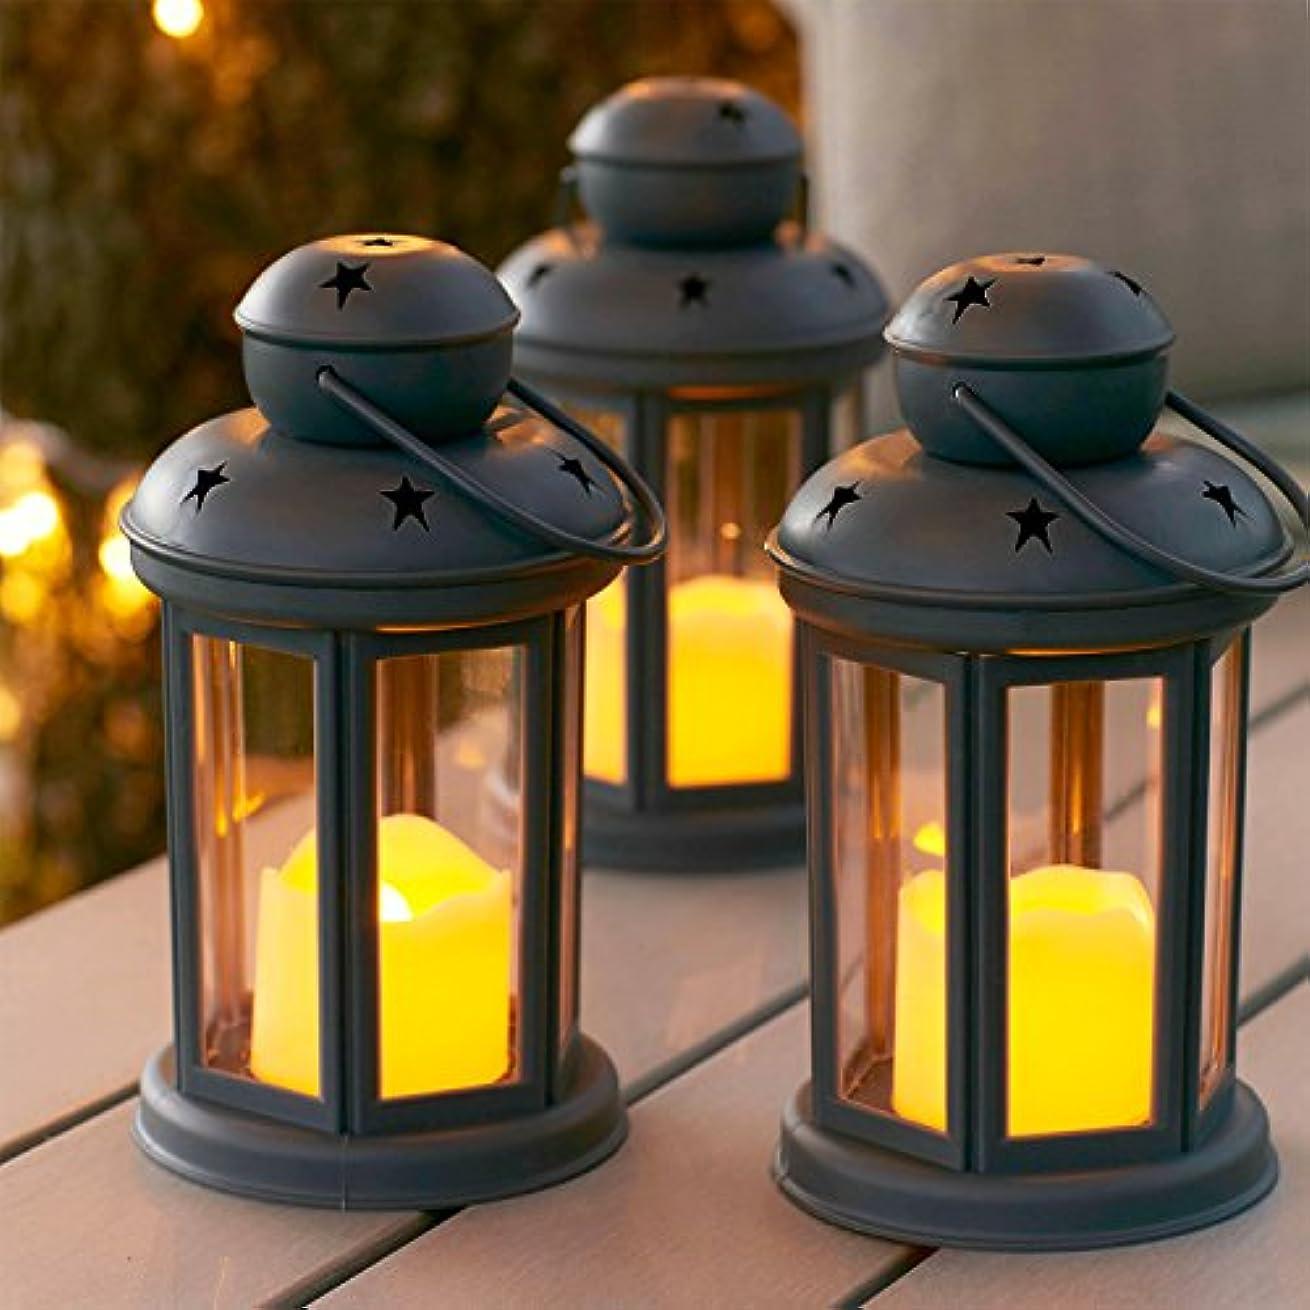 ファシズム感覚信頼性Lights4fun, Inc. 3個セットグレー電池式LEDフレームレスキャンドルランタン 屋内屋外用